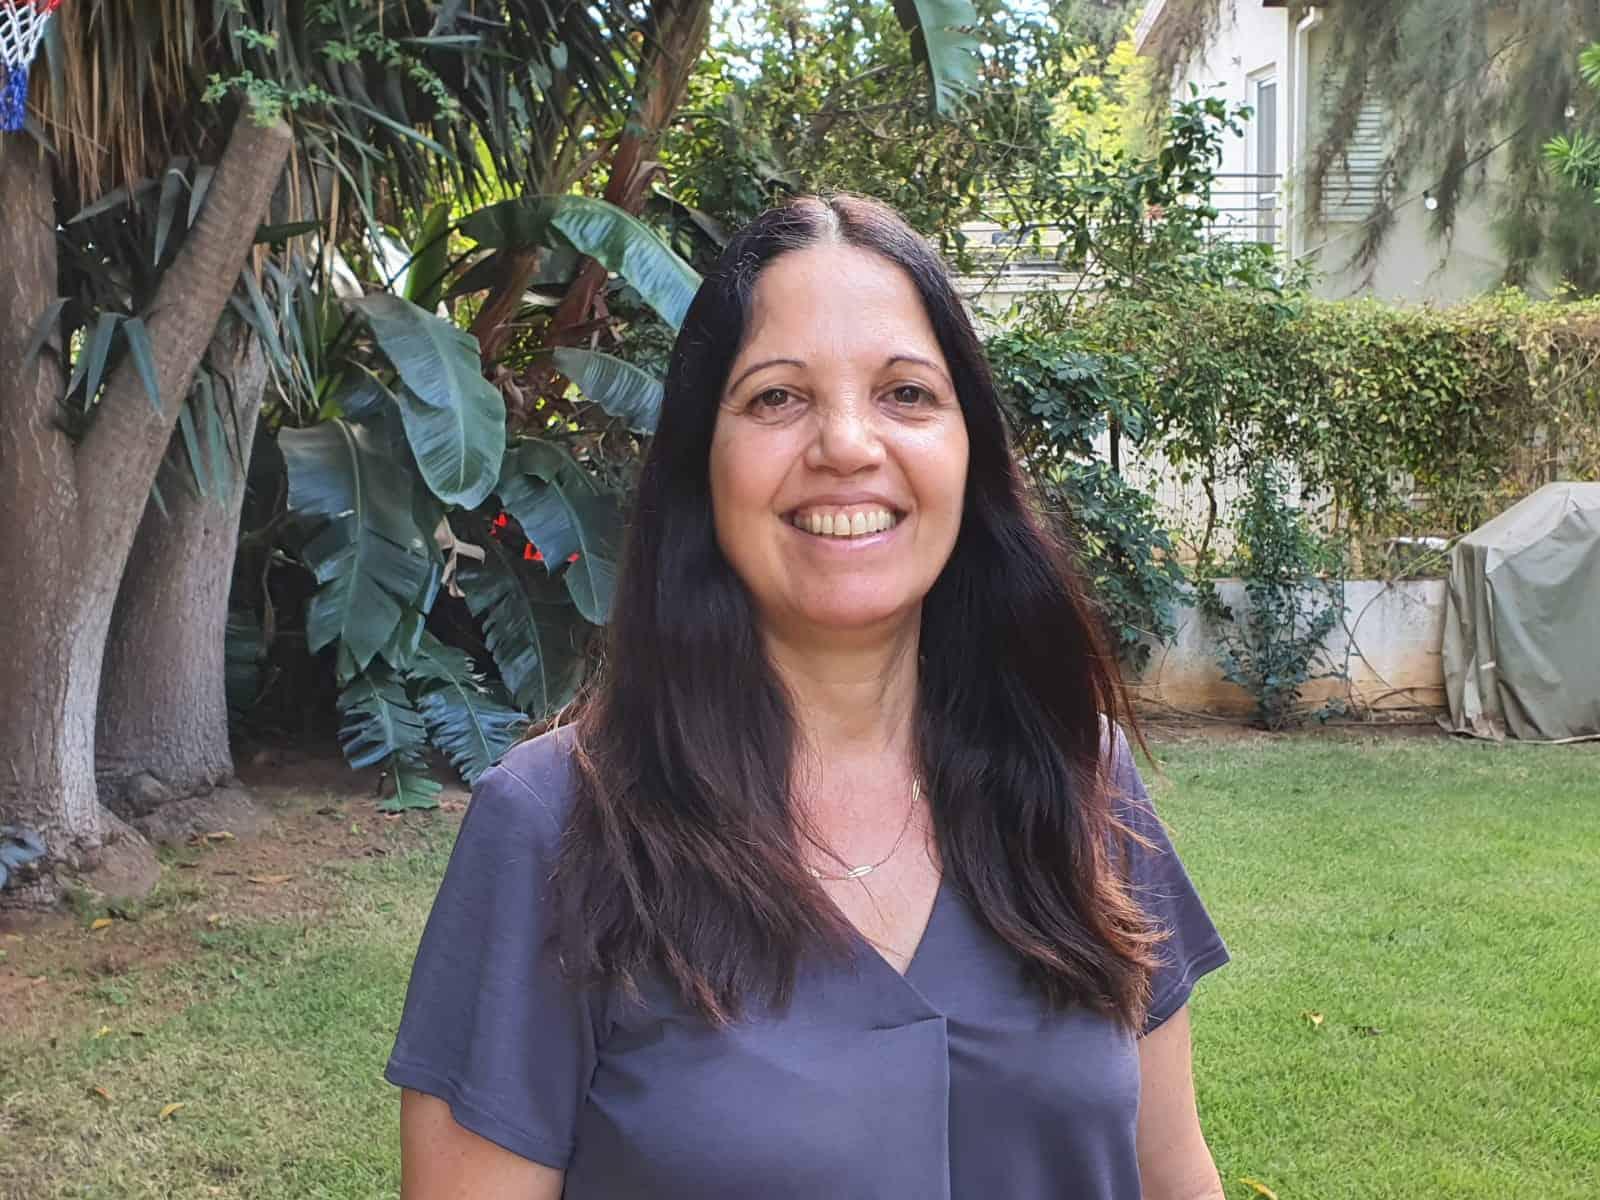 זיוה גבאי מלכה, מנהלת האגף לשירותים חברתיים הנכנסת. צילום עיריית גבעתיים